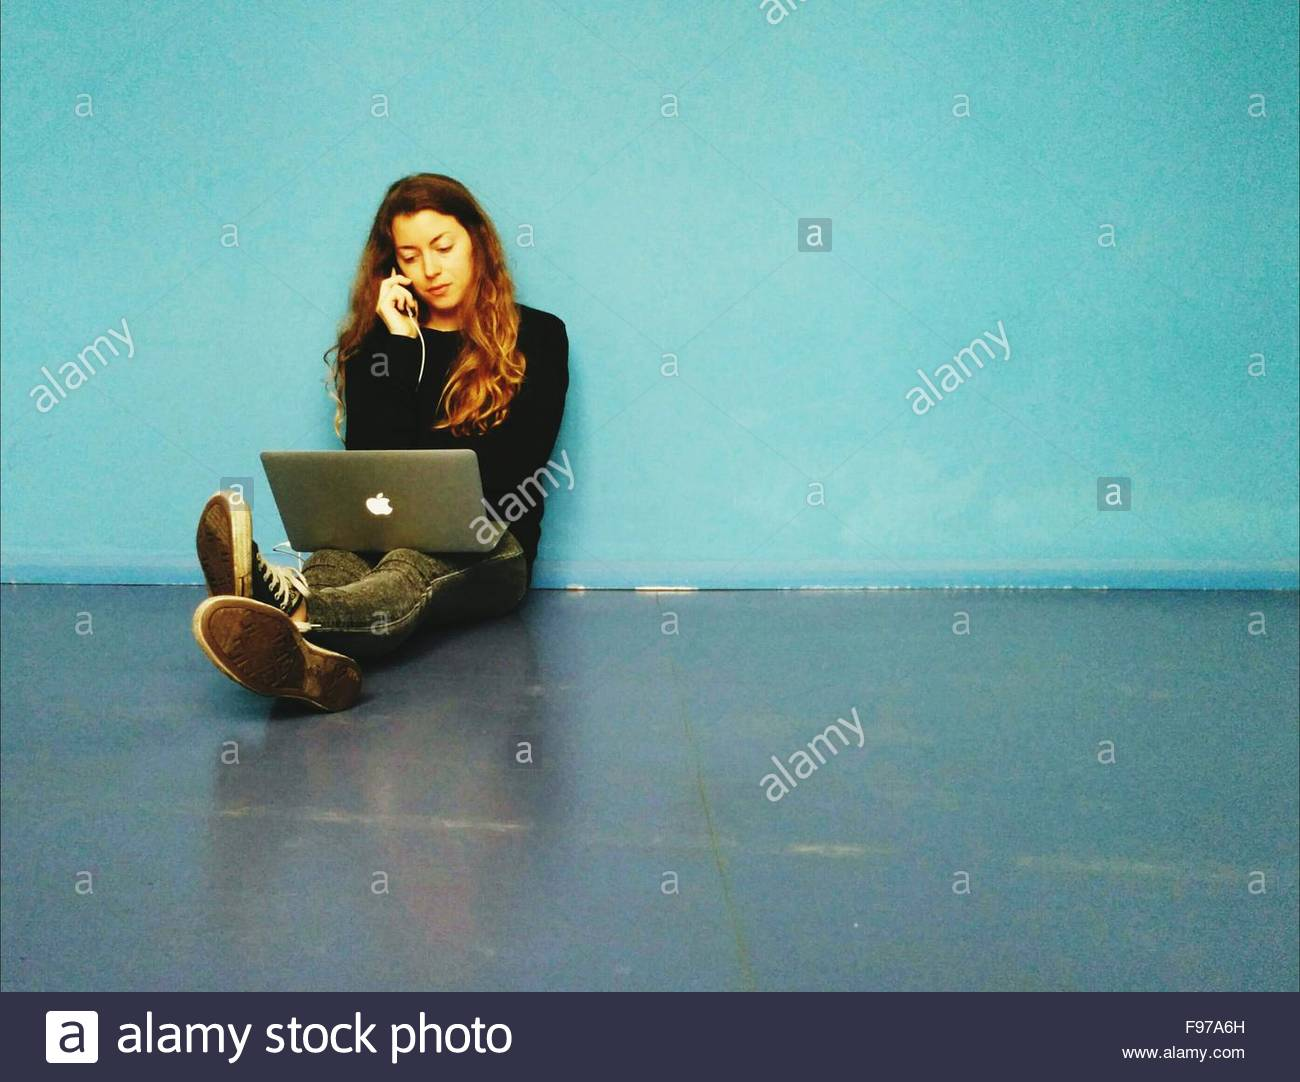 Mujer joven hablando por teléfono mientras están sentados en el suelo con portátil Imagen De Stock